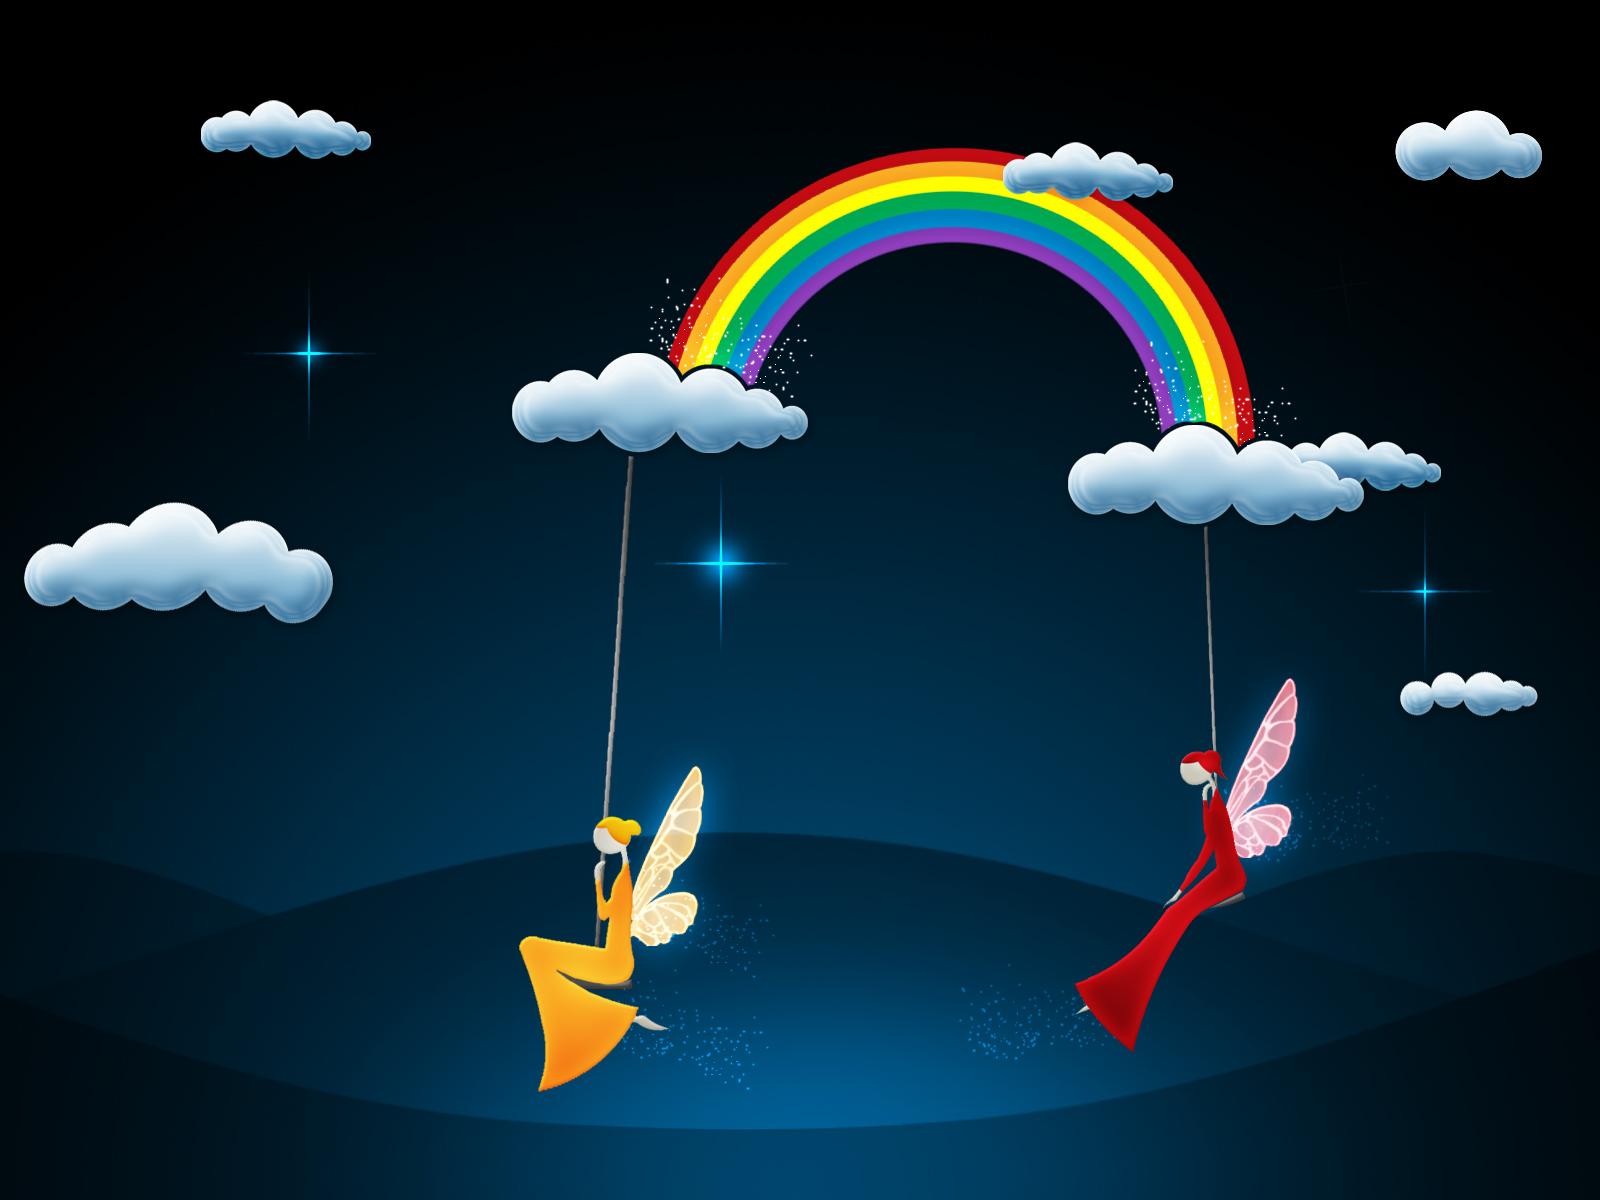 ночное небо, облака, две феи, радуга, скачать обои на рабочий стол